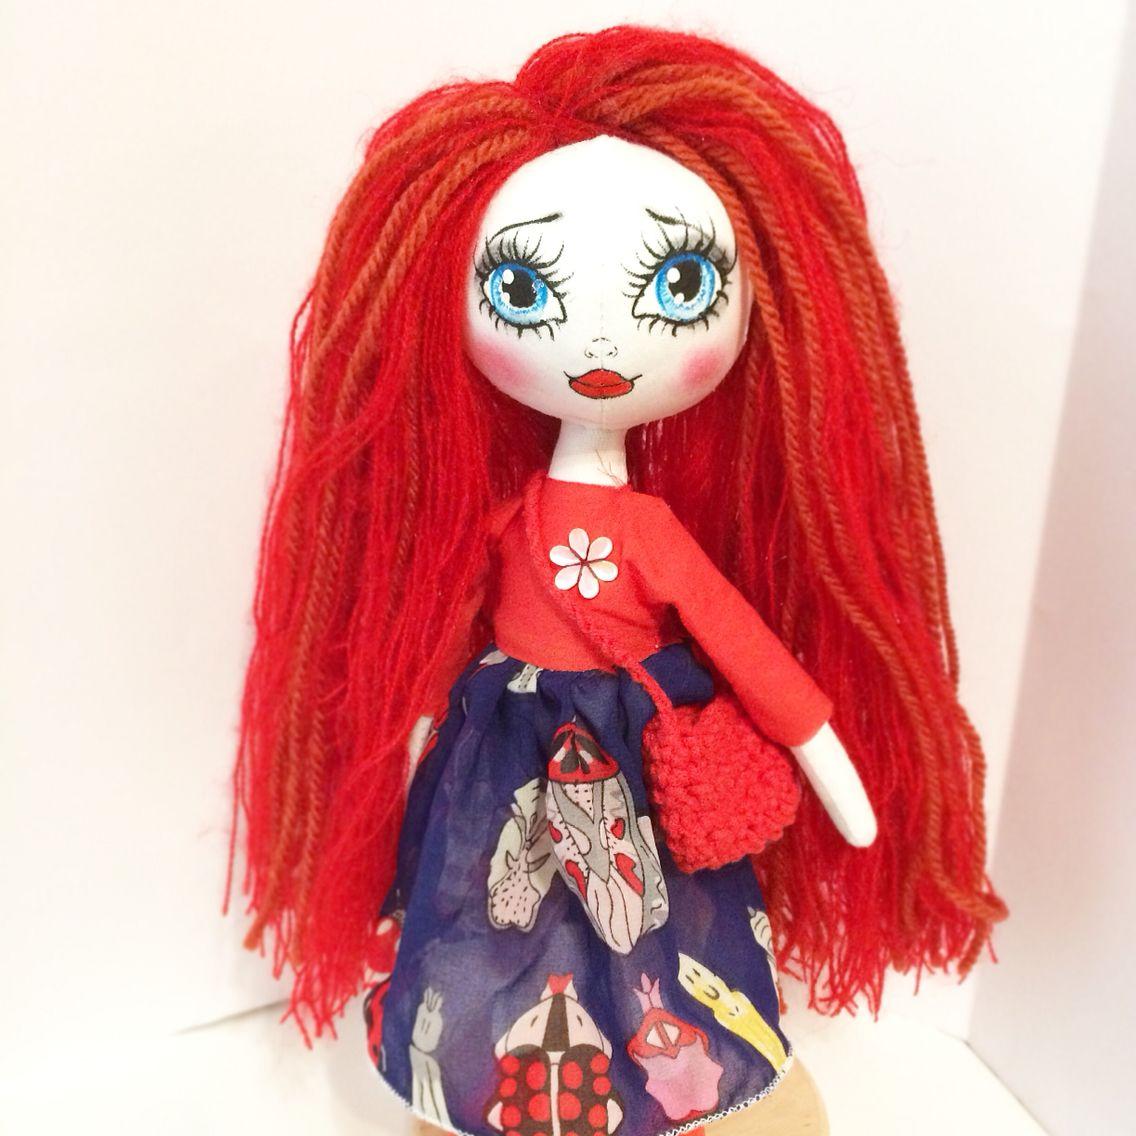 Doll toys images  Doll LenMoonys By Helena Koldoon  Dolls   Pinterest  Dolls